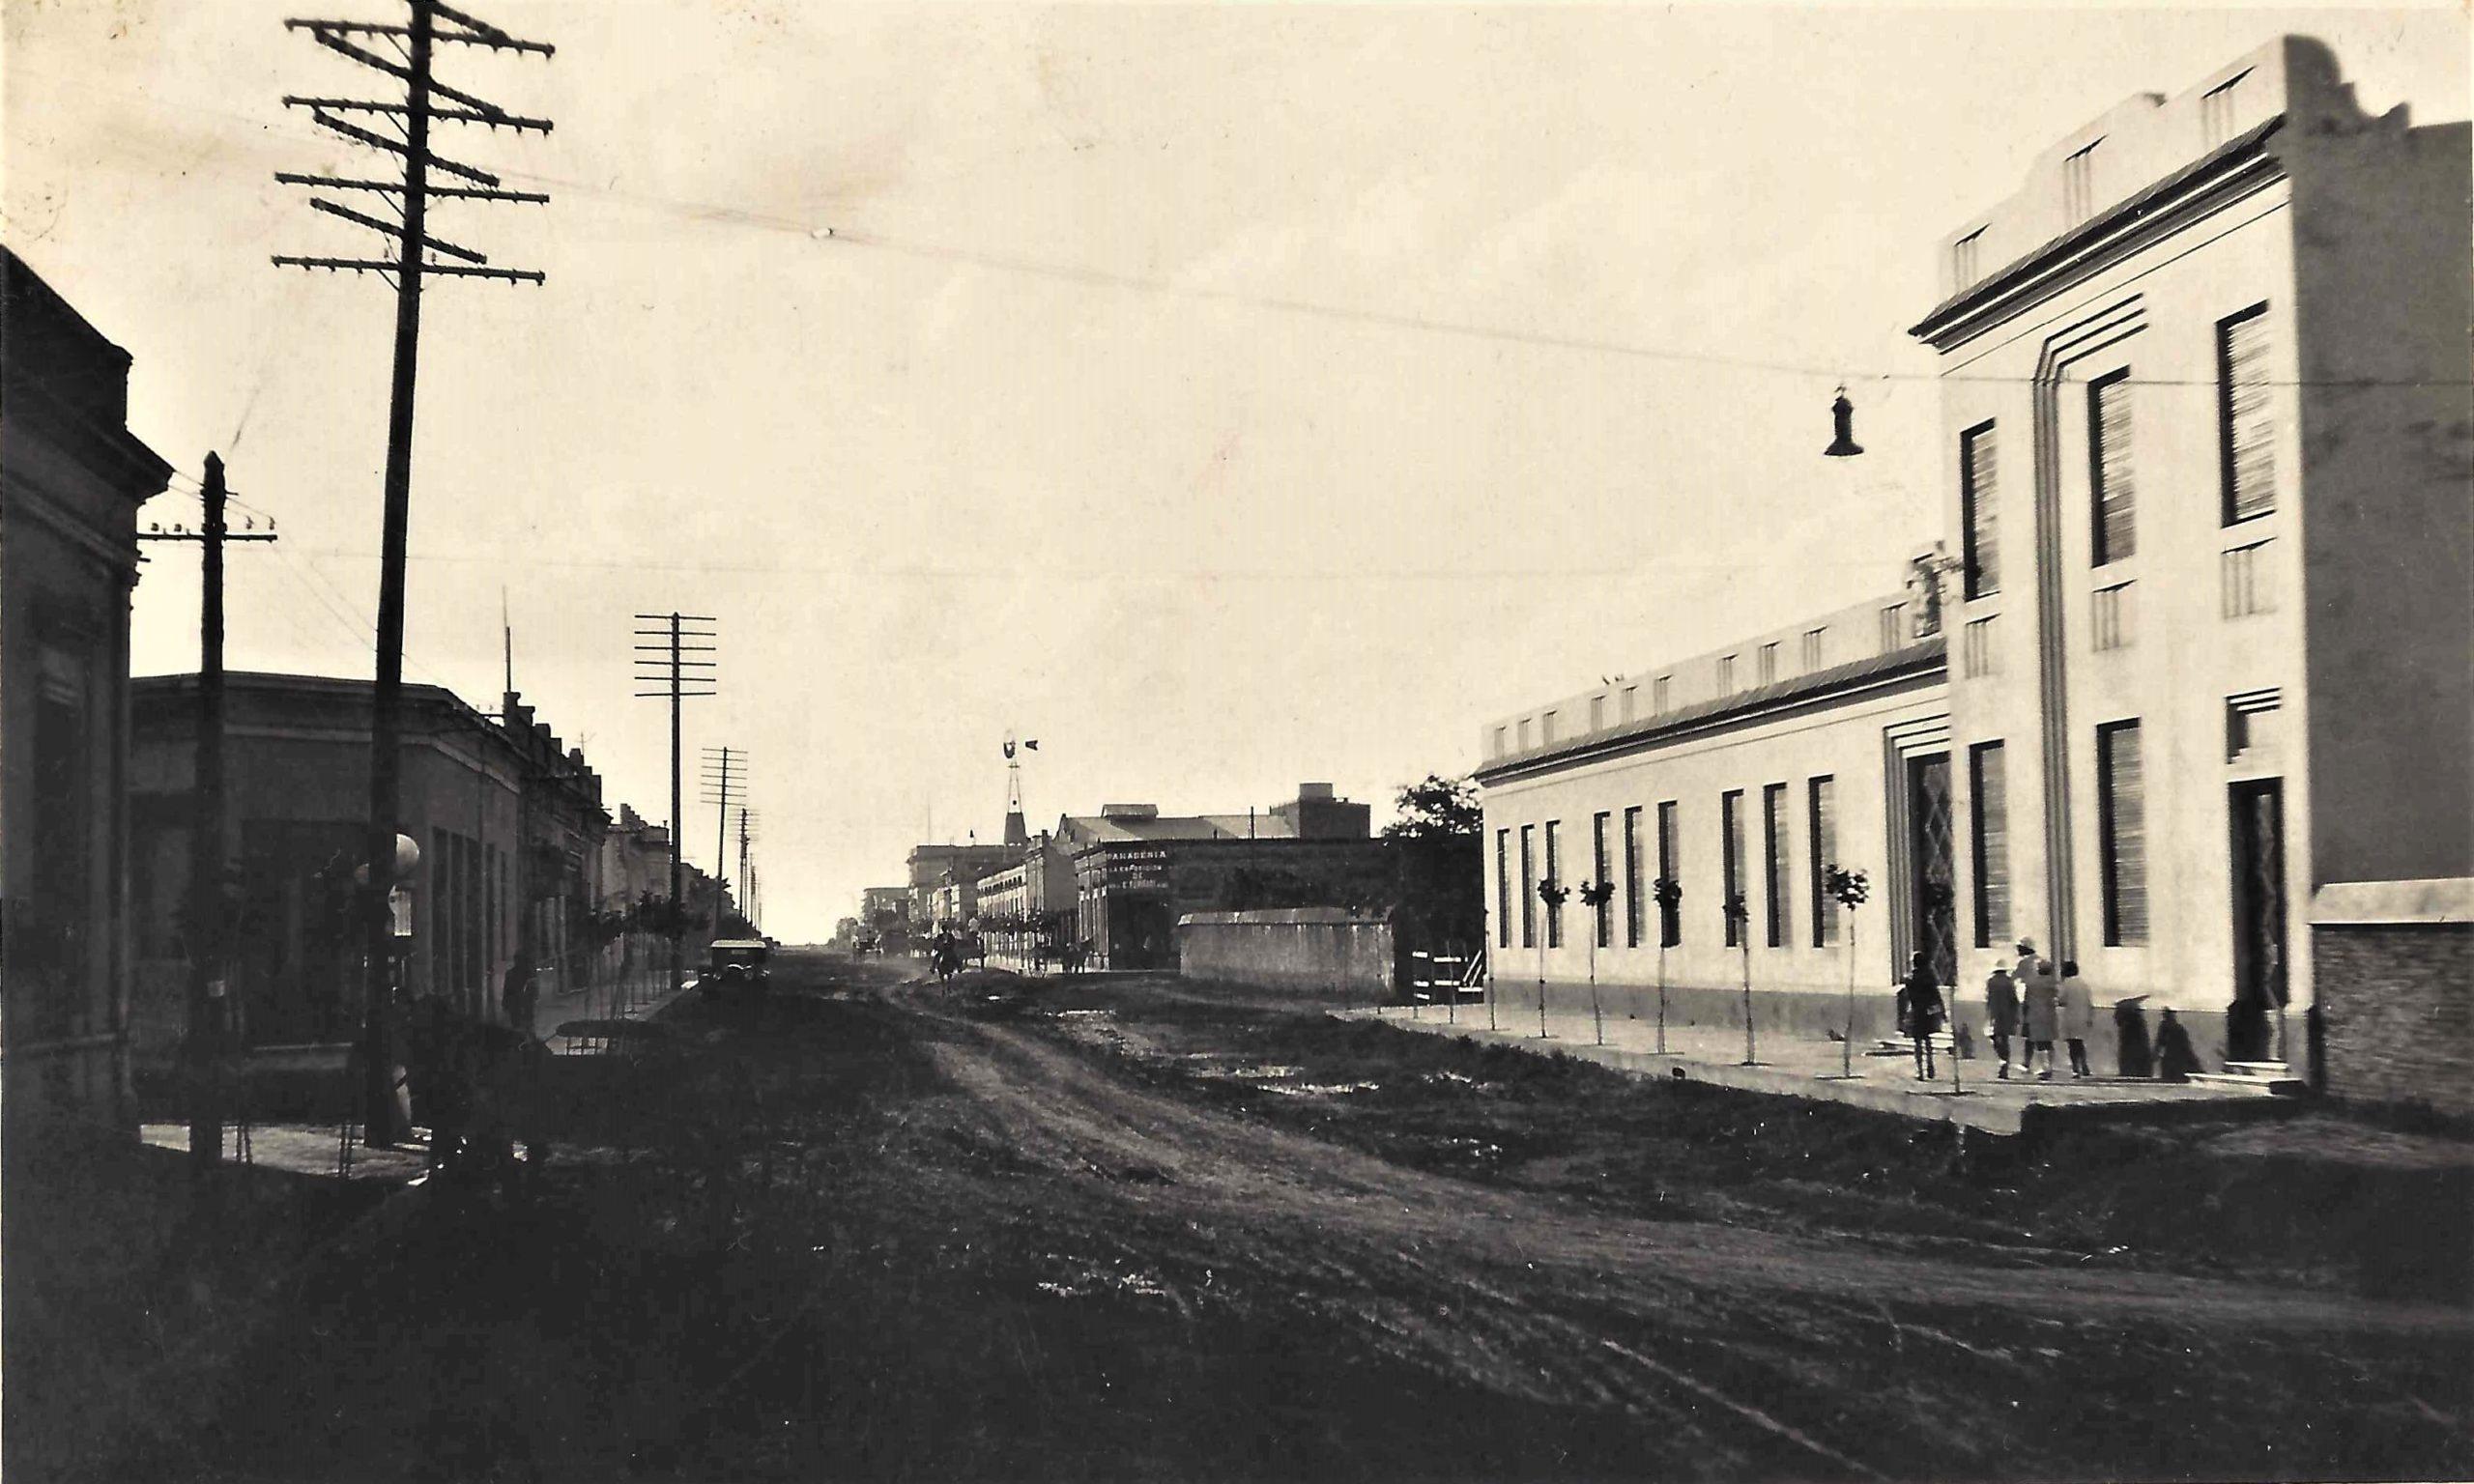 Vista de la Escuela Nro. 4 (hoy 1) y la Av. Presidente Perón ( Av. de Mayo en ese momento)